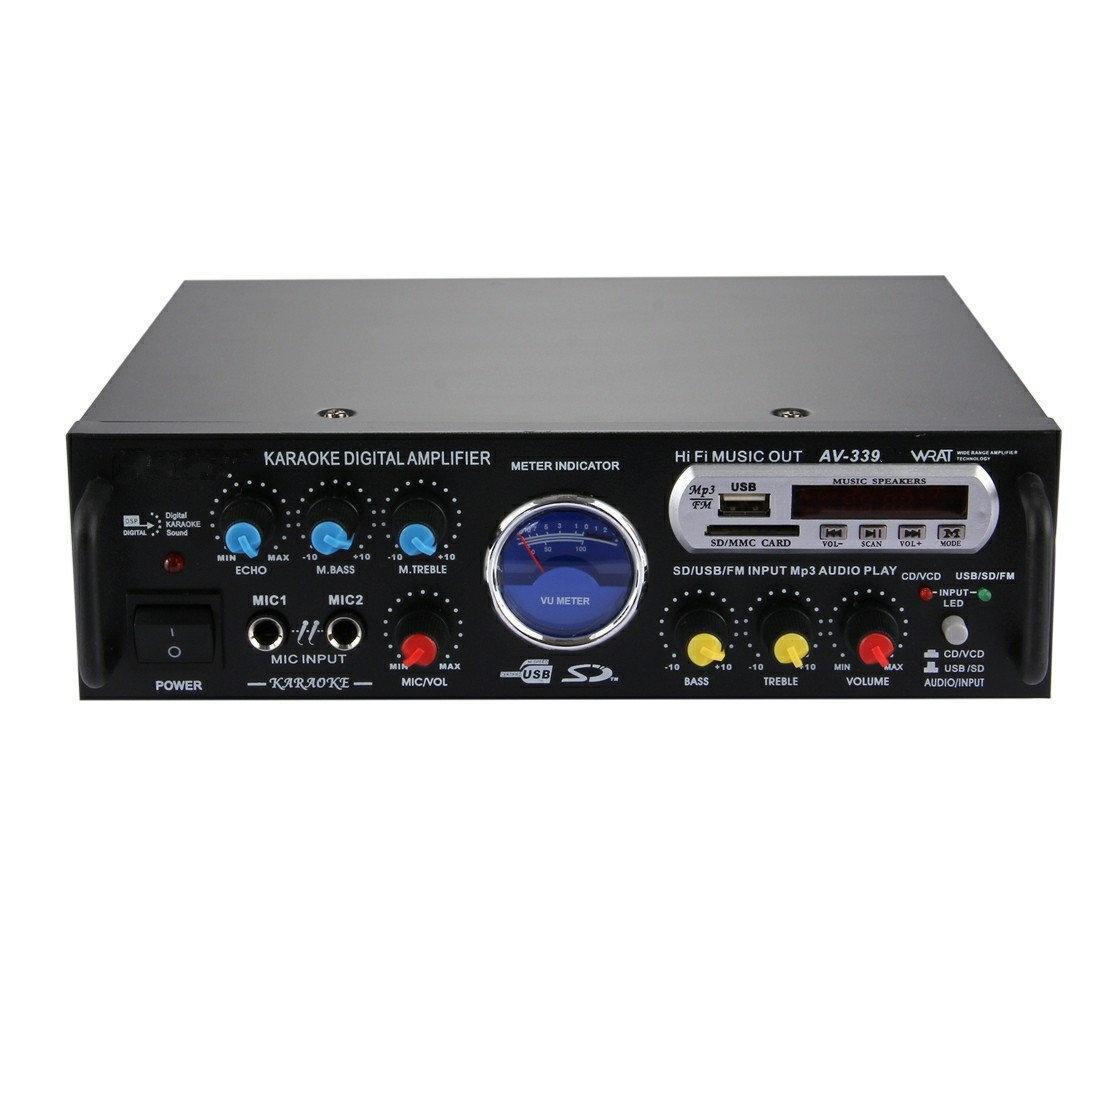 Купить Усилитель мощности звука UKC AV-339BT 300W + караоке на 2 микрофона